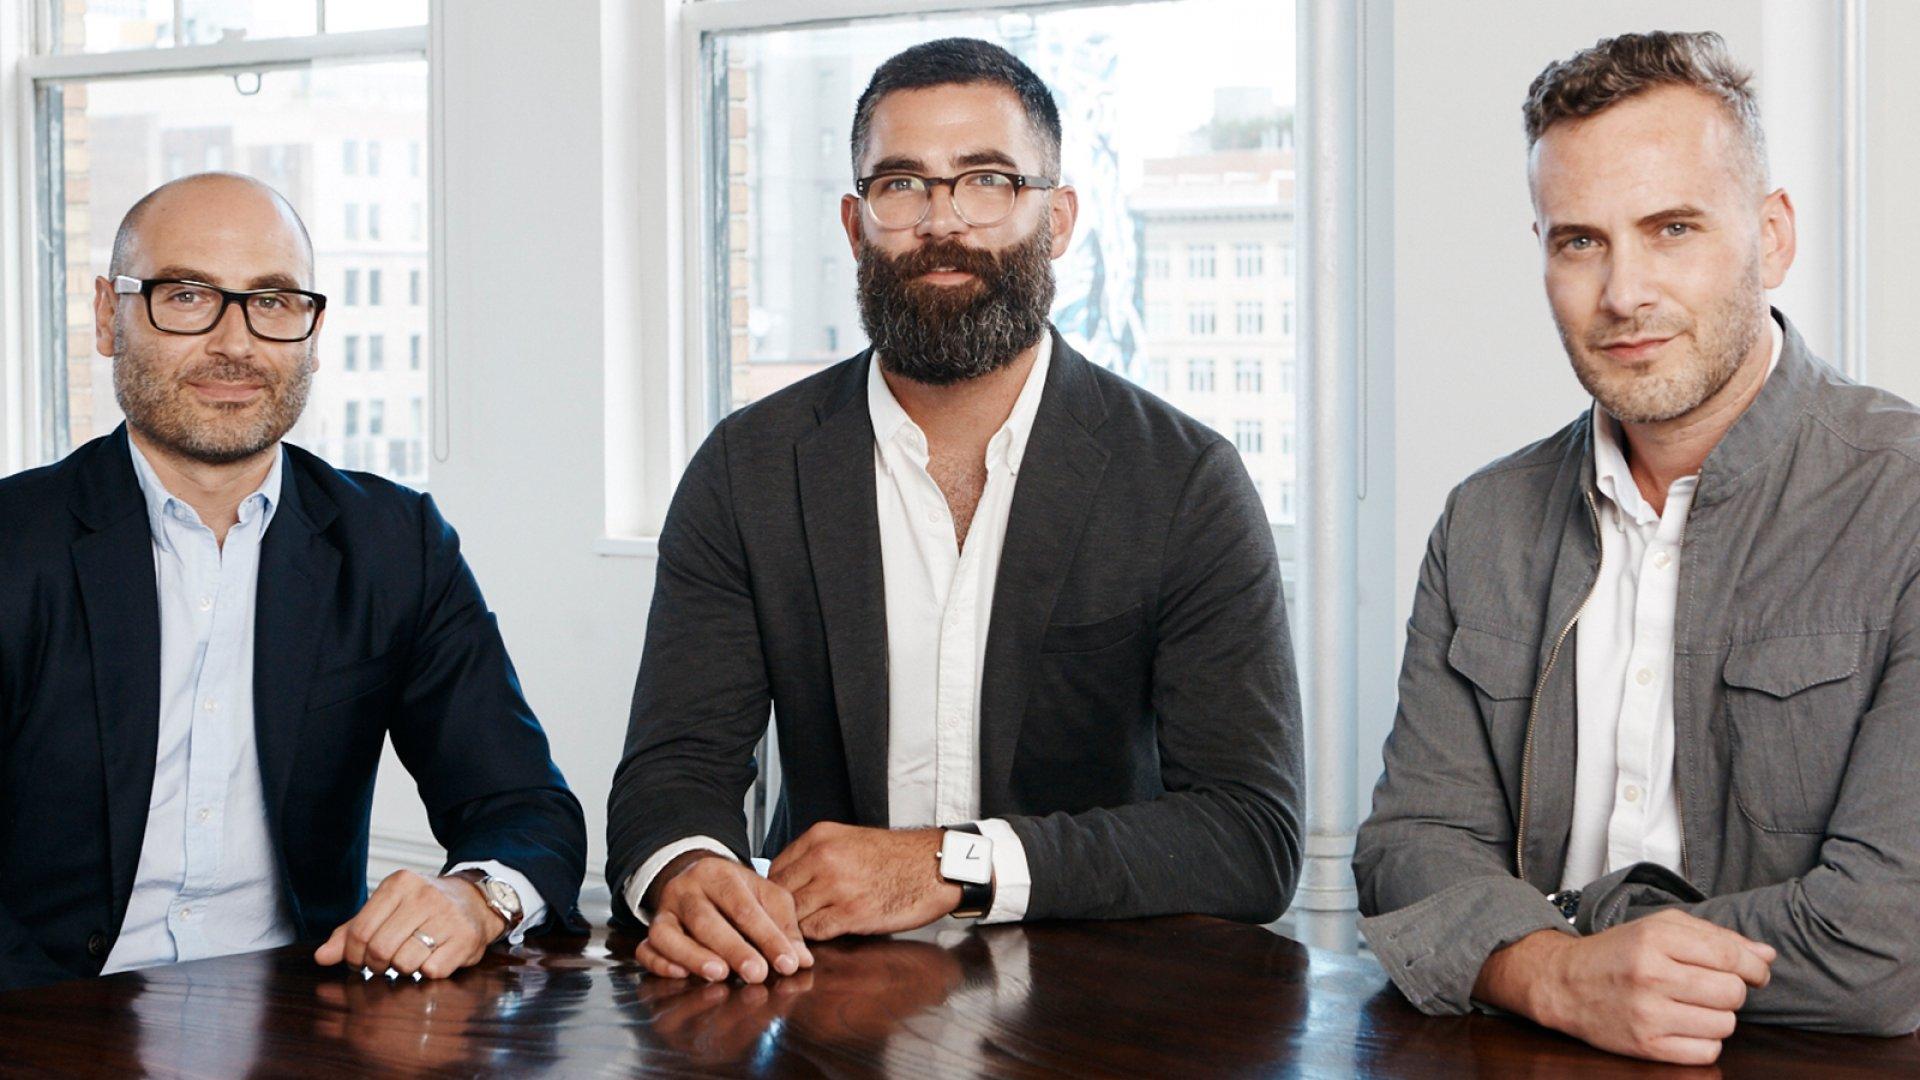 Othr co-founders Dean Di Simone, Evan Clabots, and Joe Doucet.